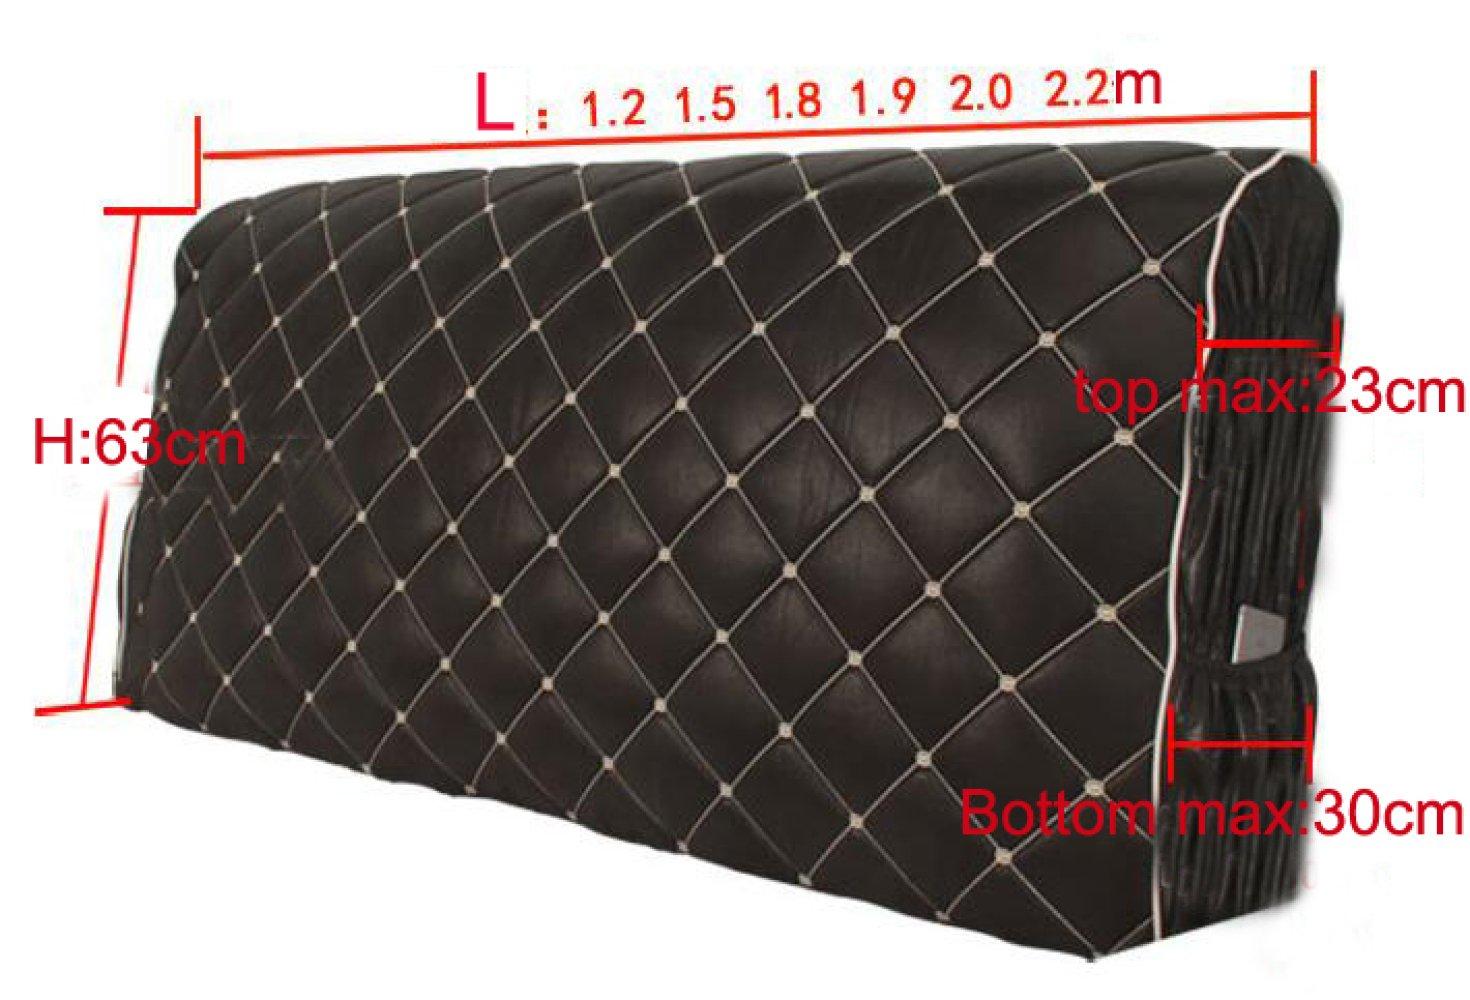 Copri Testiera con Testiera di Riempimento in Spugna Morbida Proteggi Camera da Letto Decor Copri Antipolvere in Tessuto Lucido per Single Double King Testiera Cuscini